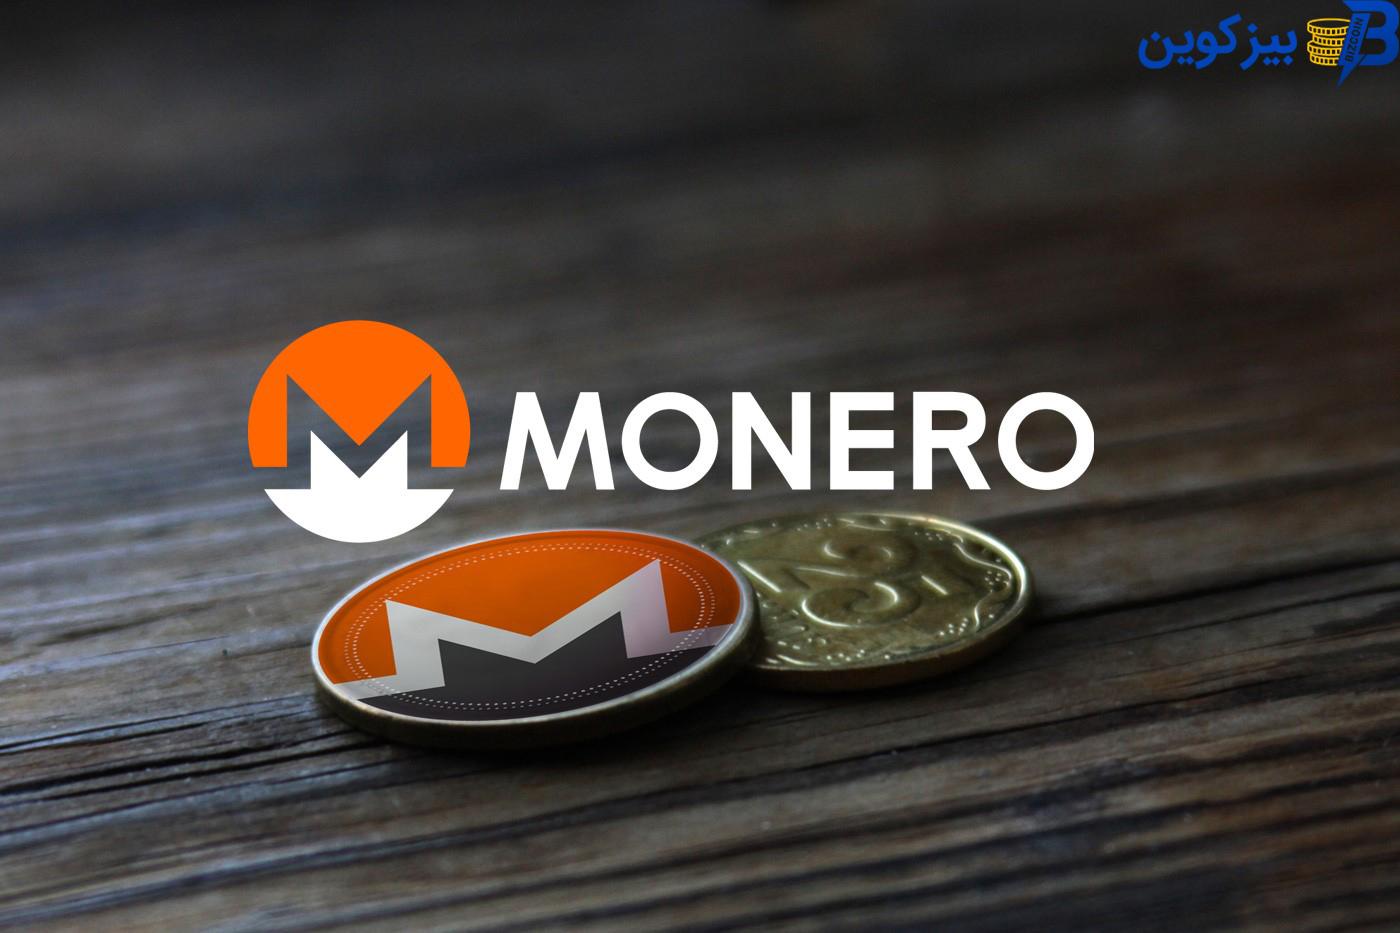 monero 4 رمز ارز مونرو چیست و چه ویژگی هایی دارد؟